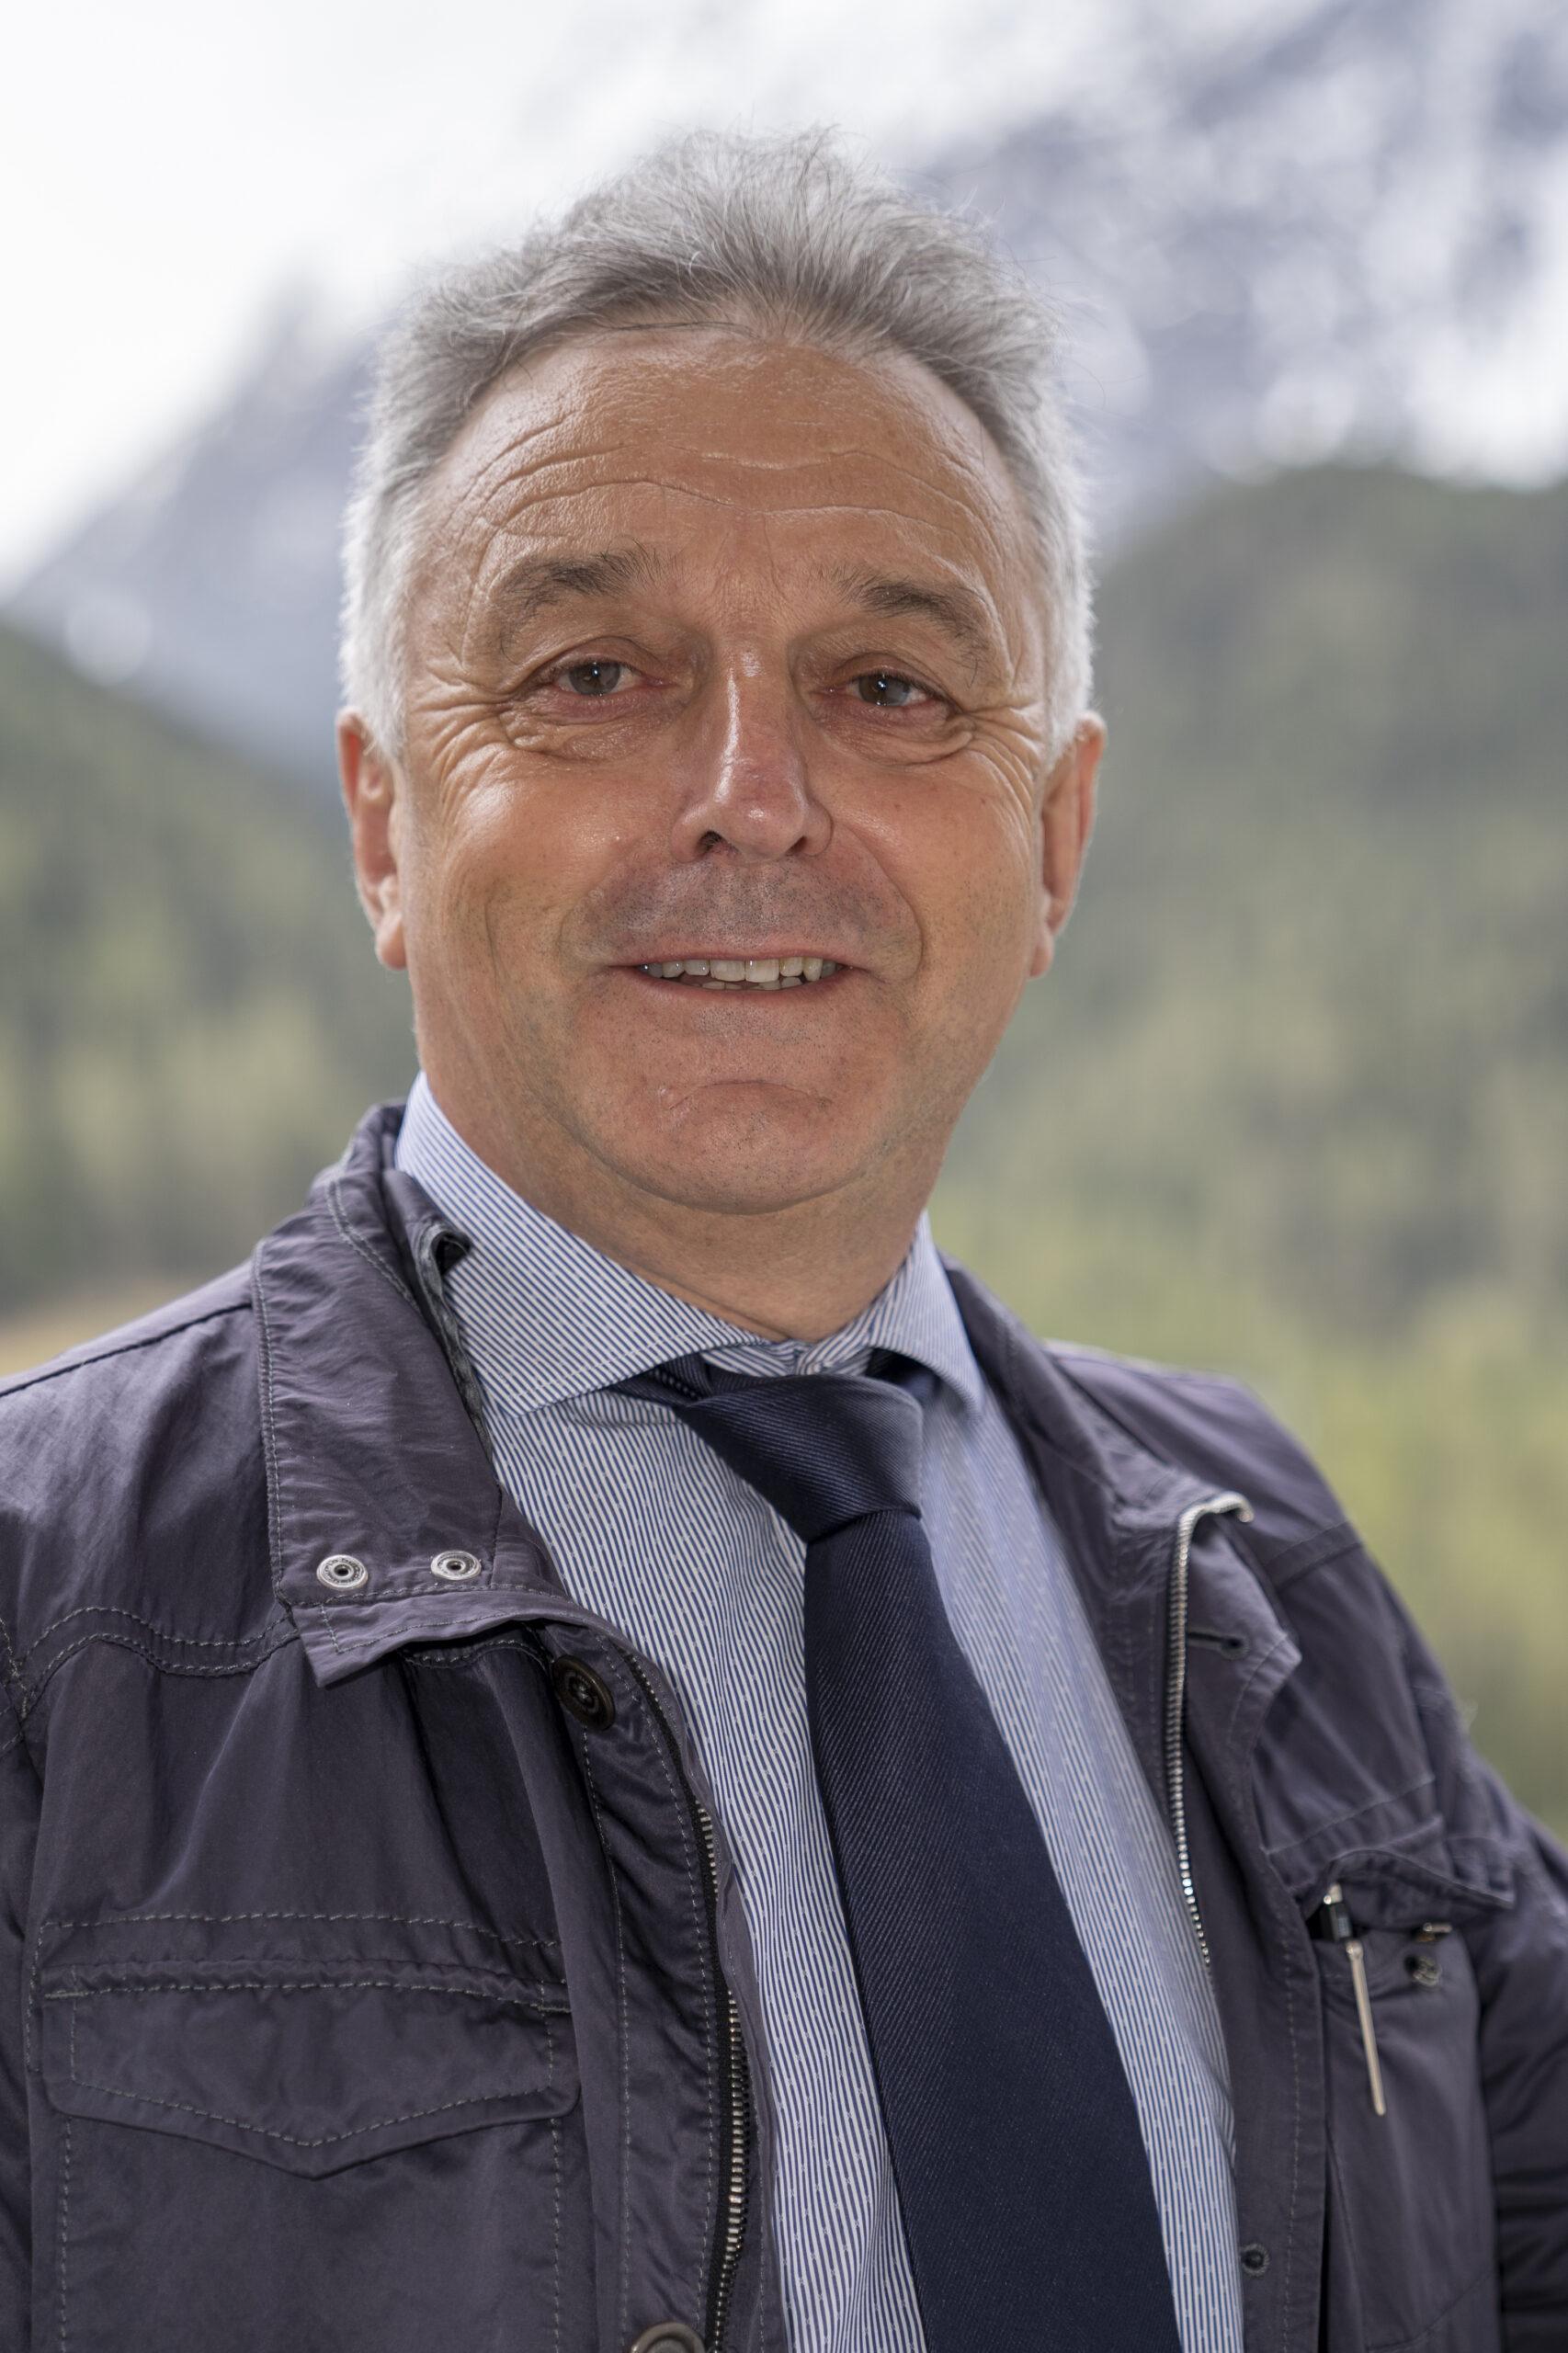 Andrea Vecellio